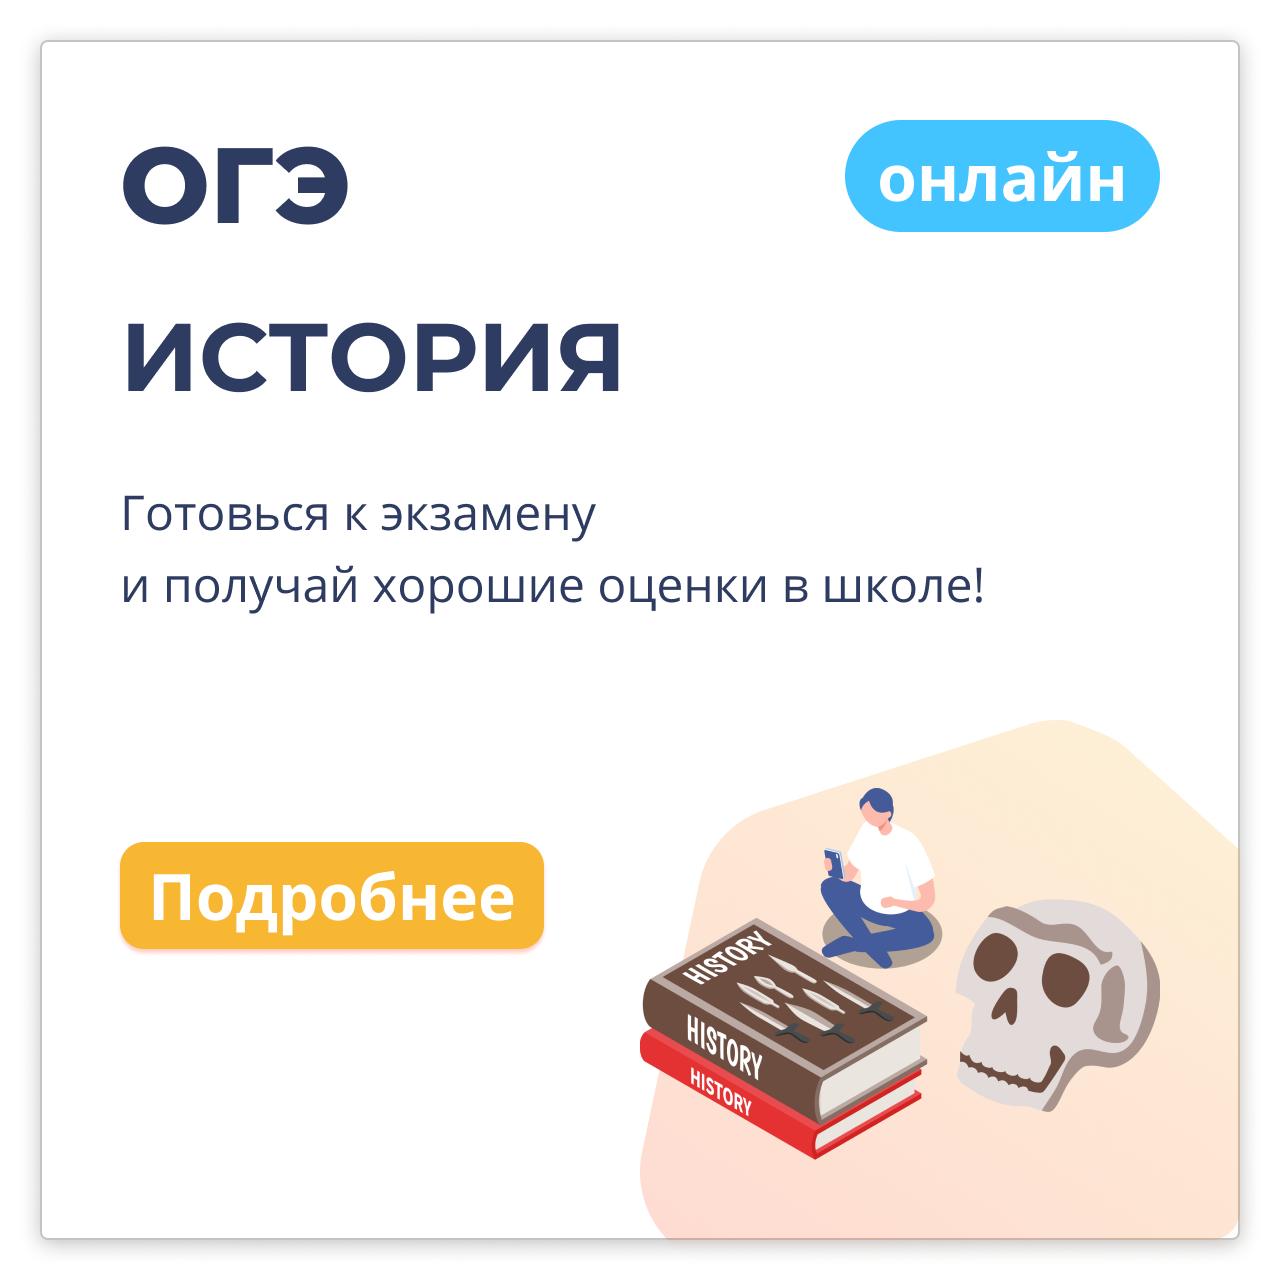 История ОГЭ Онлайн группа